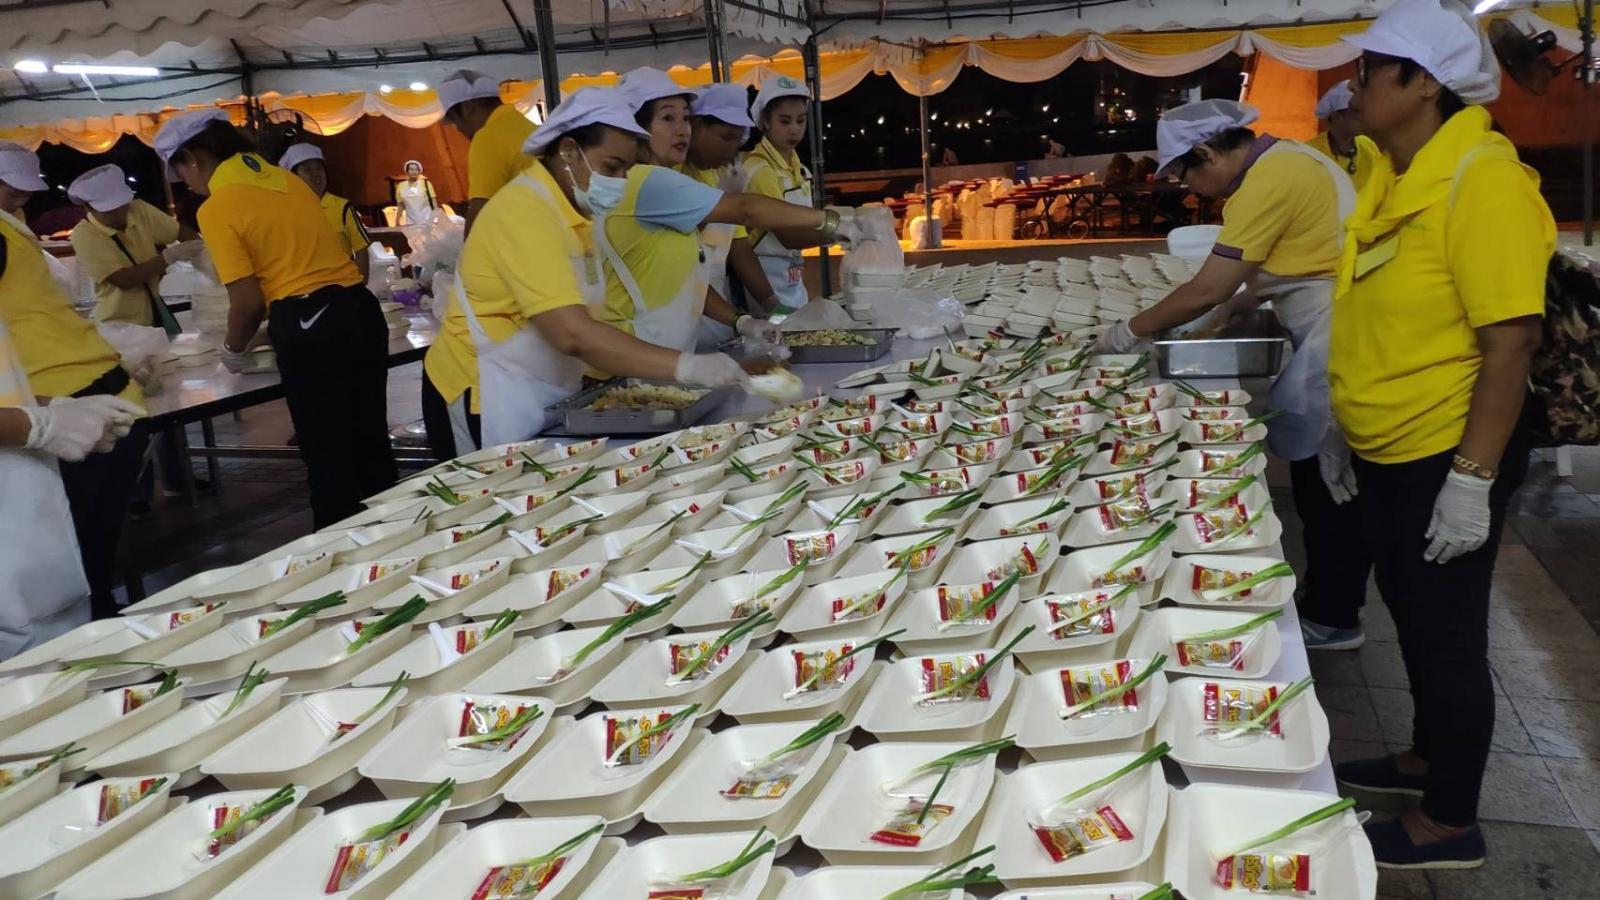 จัดทำอาหารเพิ่ม 4 มื้อบริการประชาชนร่วมงานพระราชพิธี